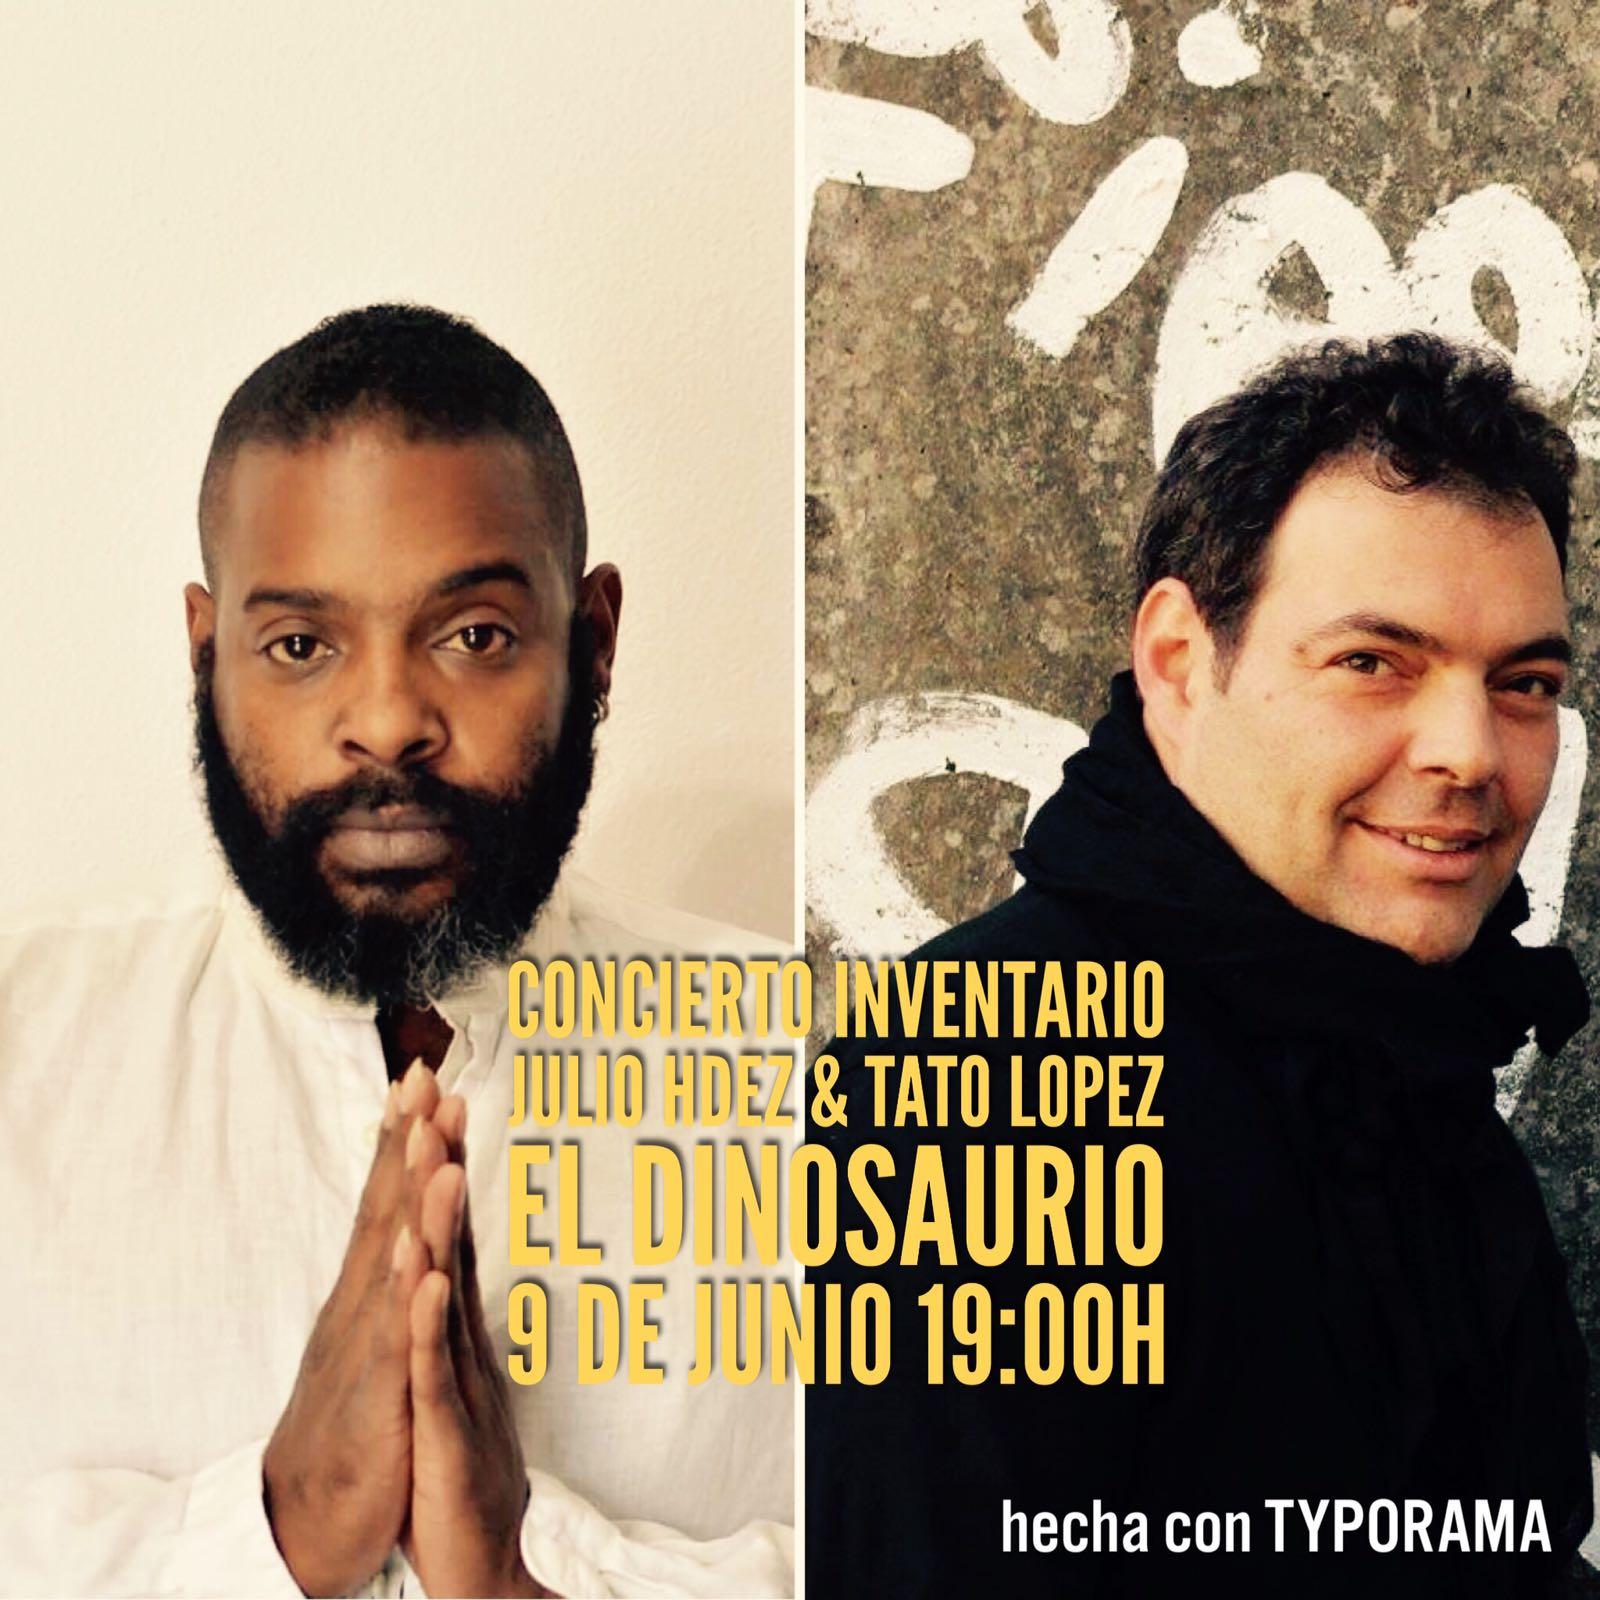 Julio Hernandez y Tato Lopez